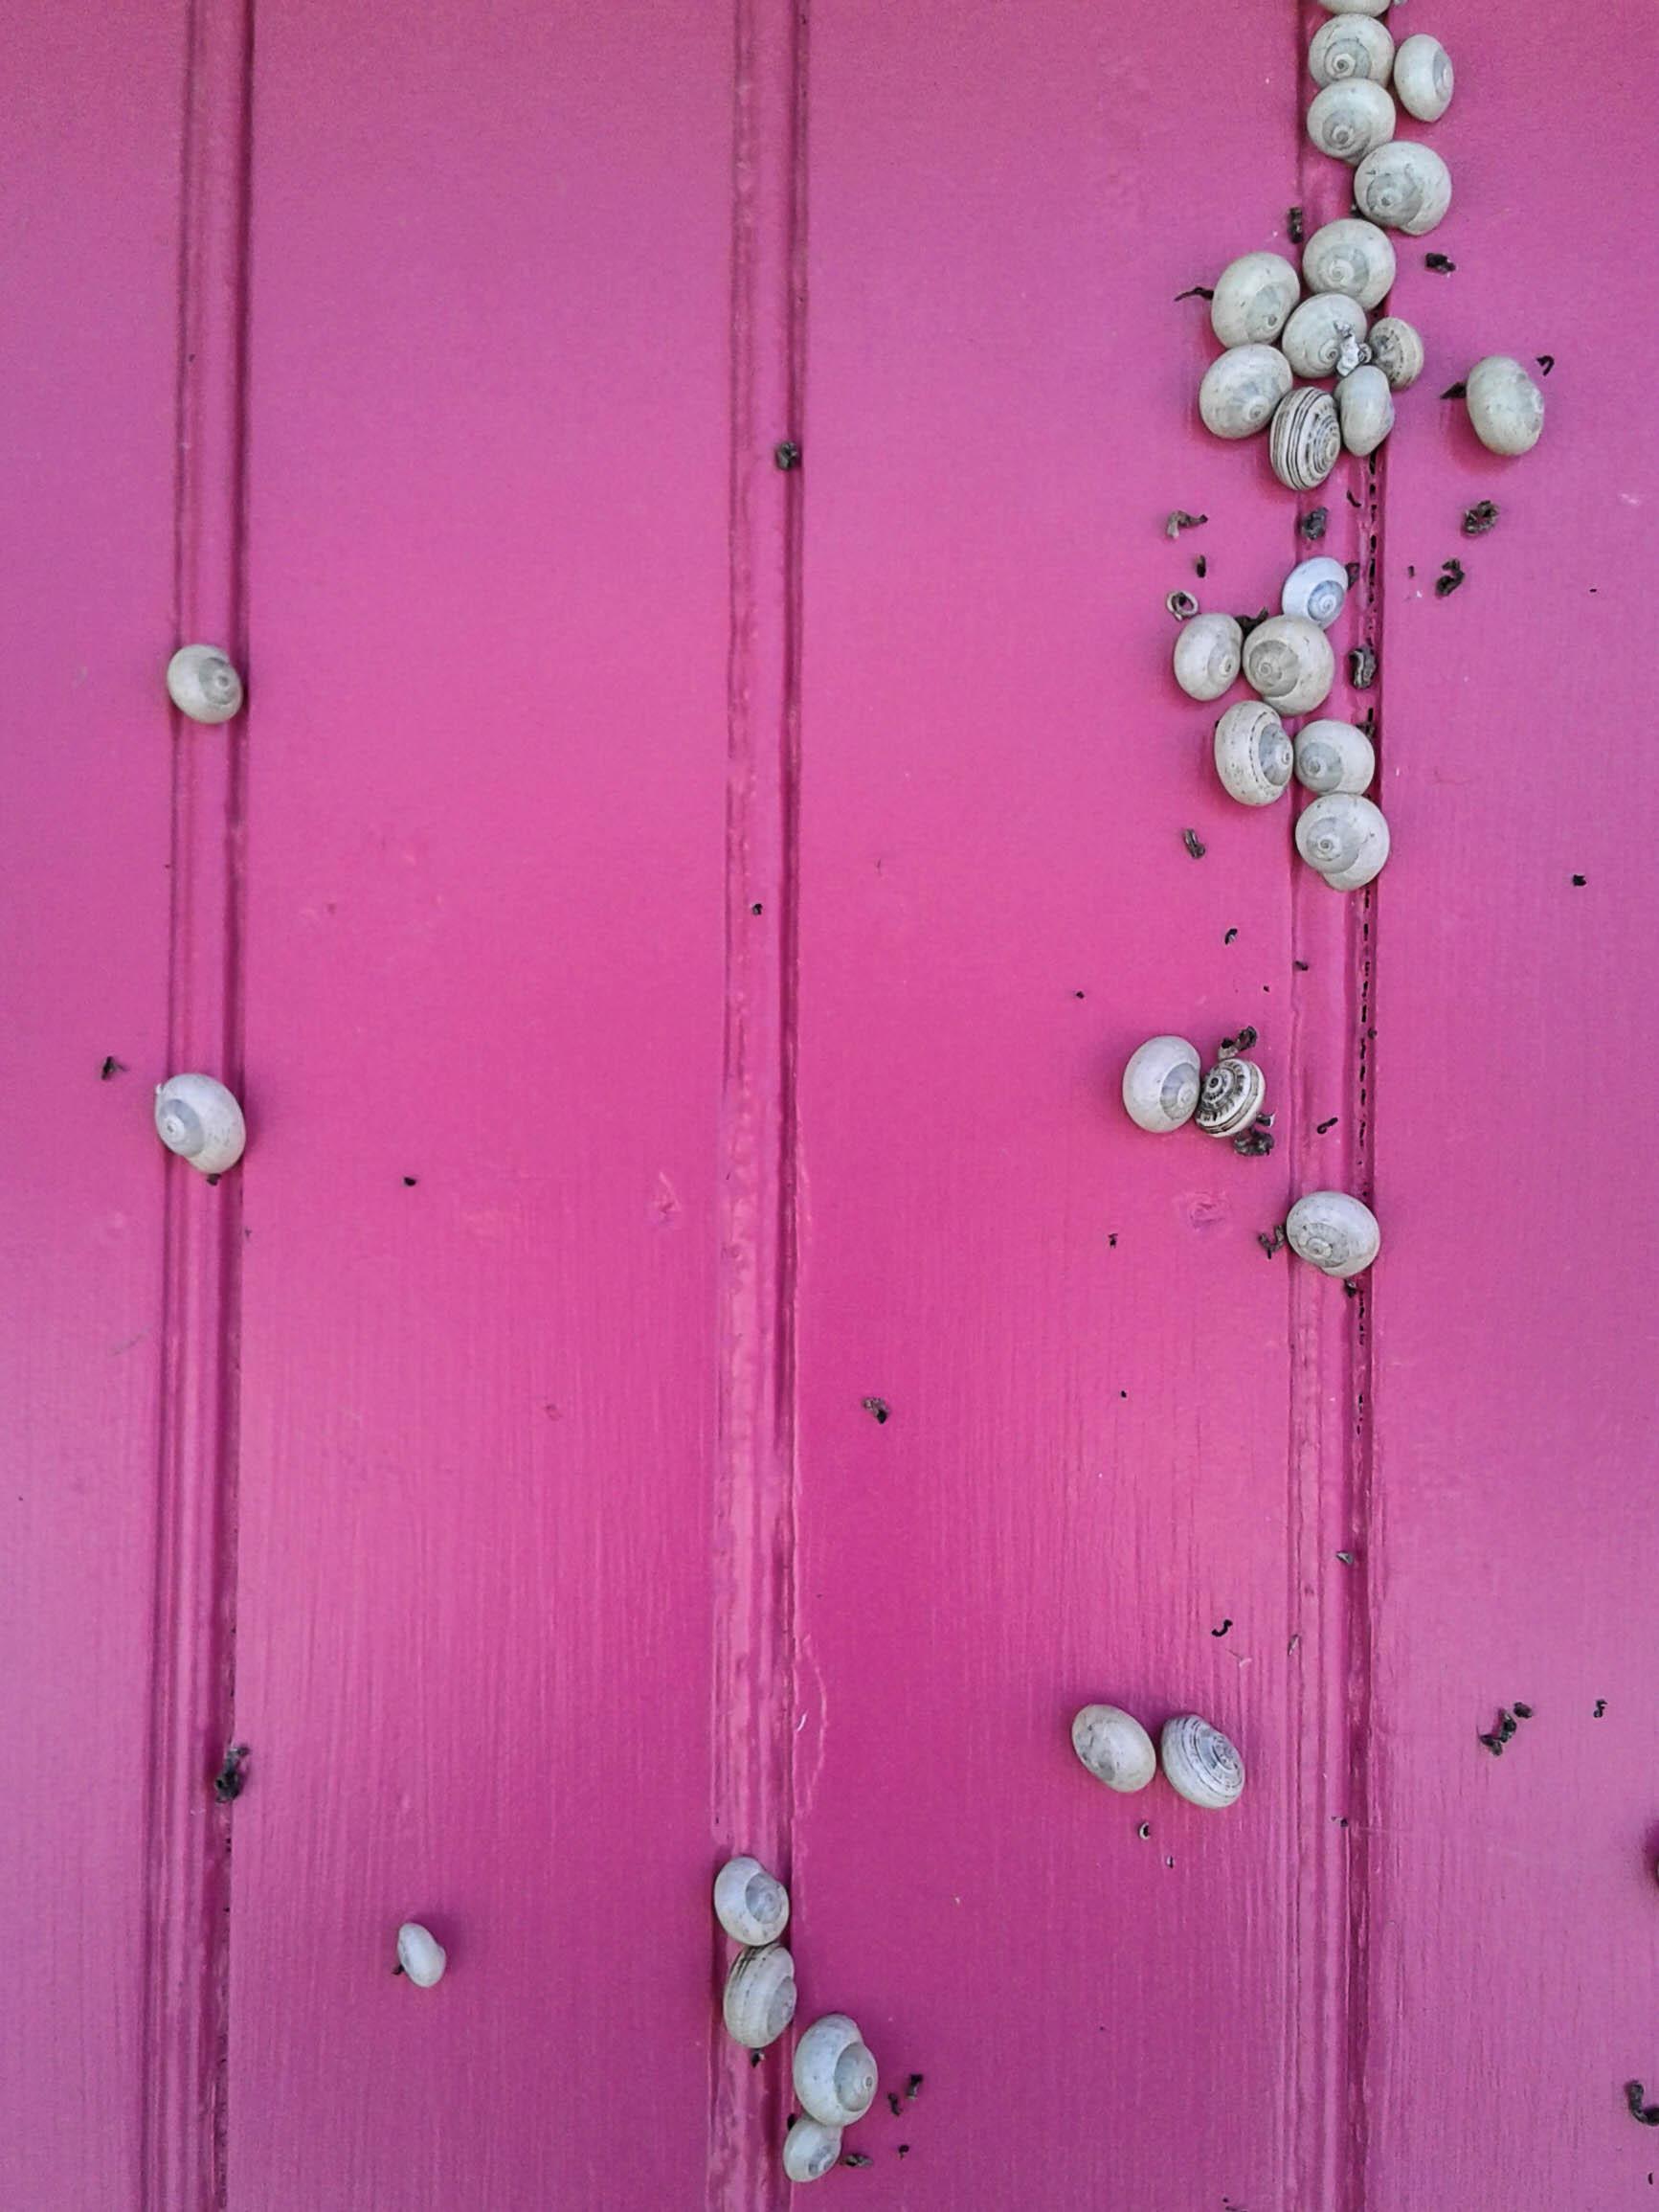 Les escargots aiment le rose